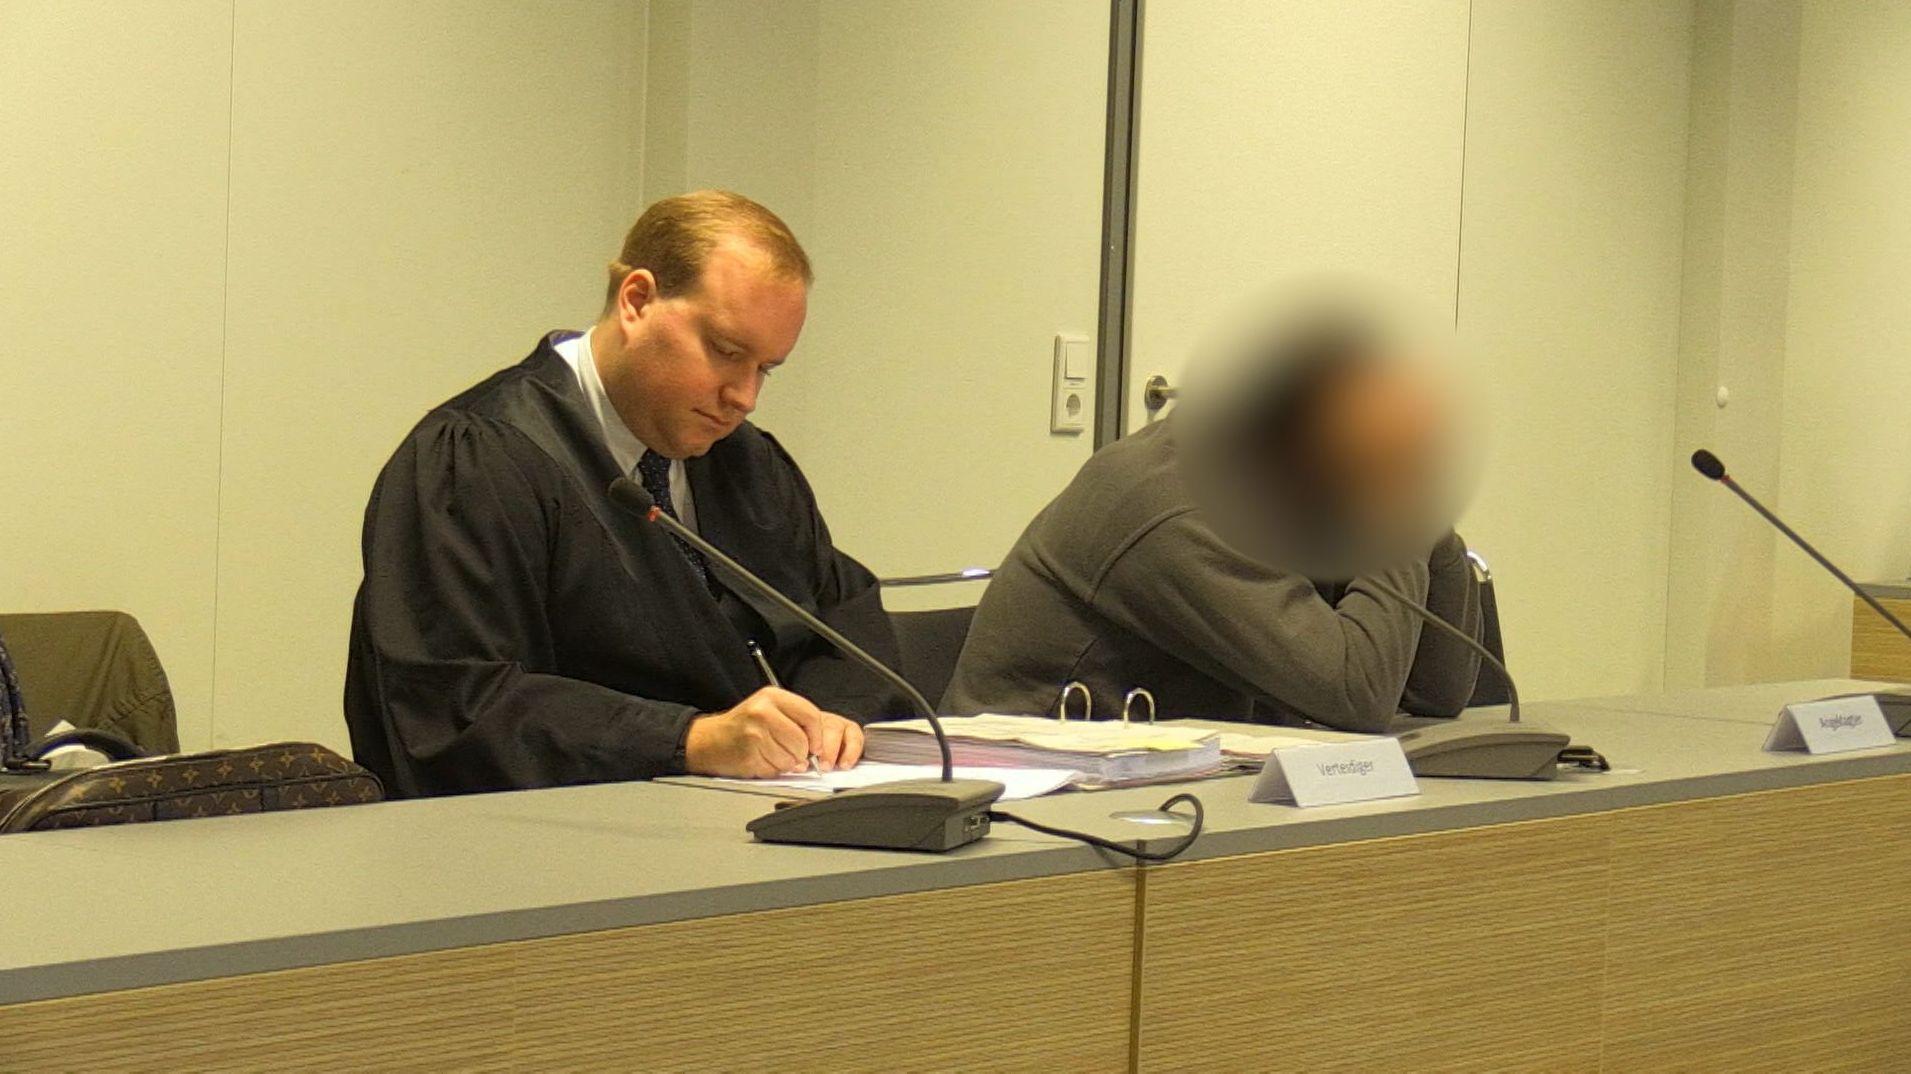 Prozess vor dem Langericht Aschaffenburg